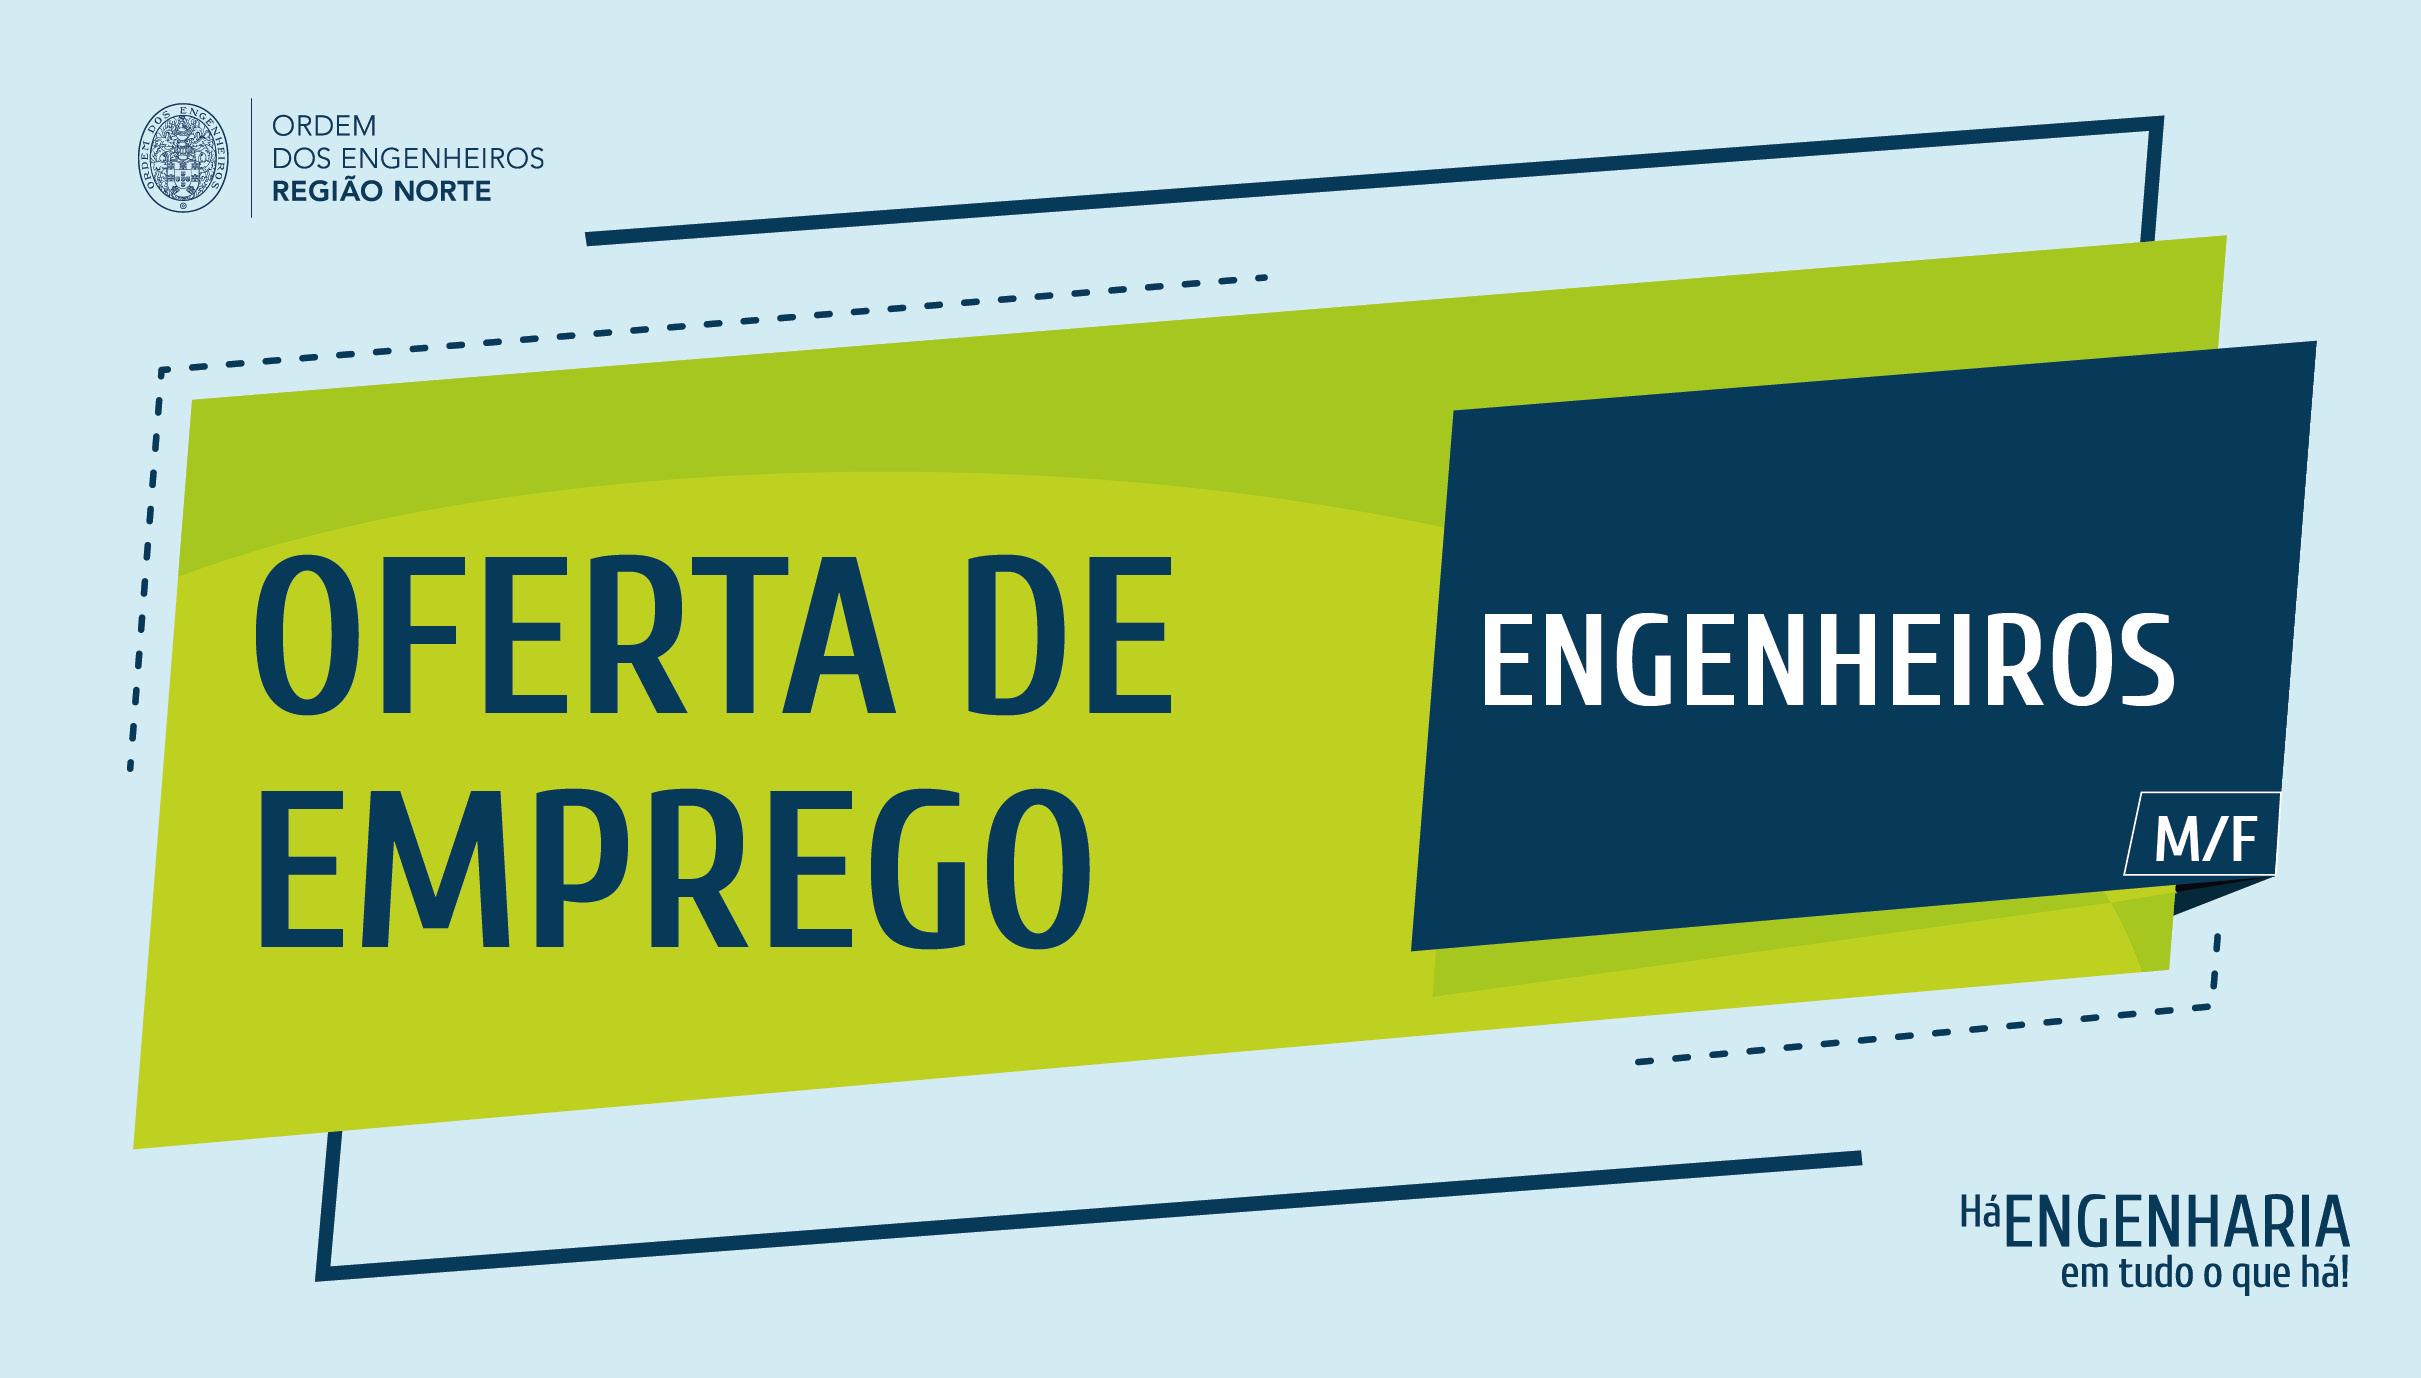 Plataforma Notícias Ordem Engenheiros Região Norte - [Emprego] EDP recruta engenheiros/as